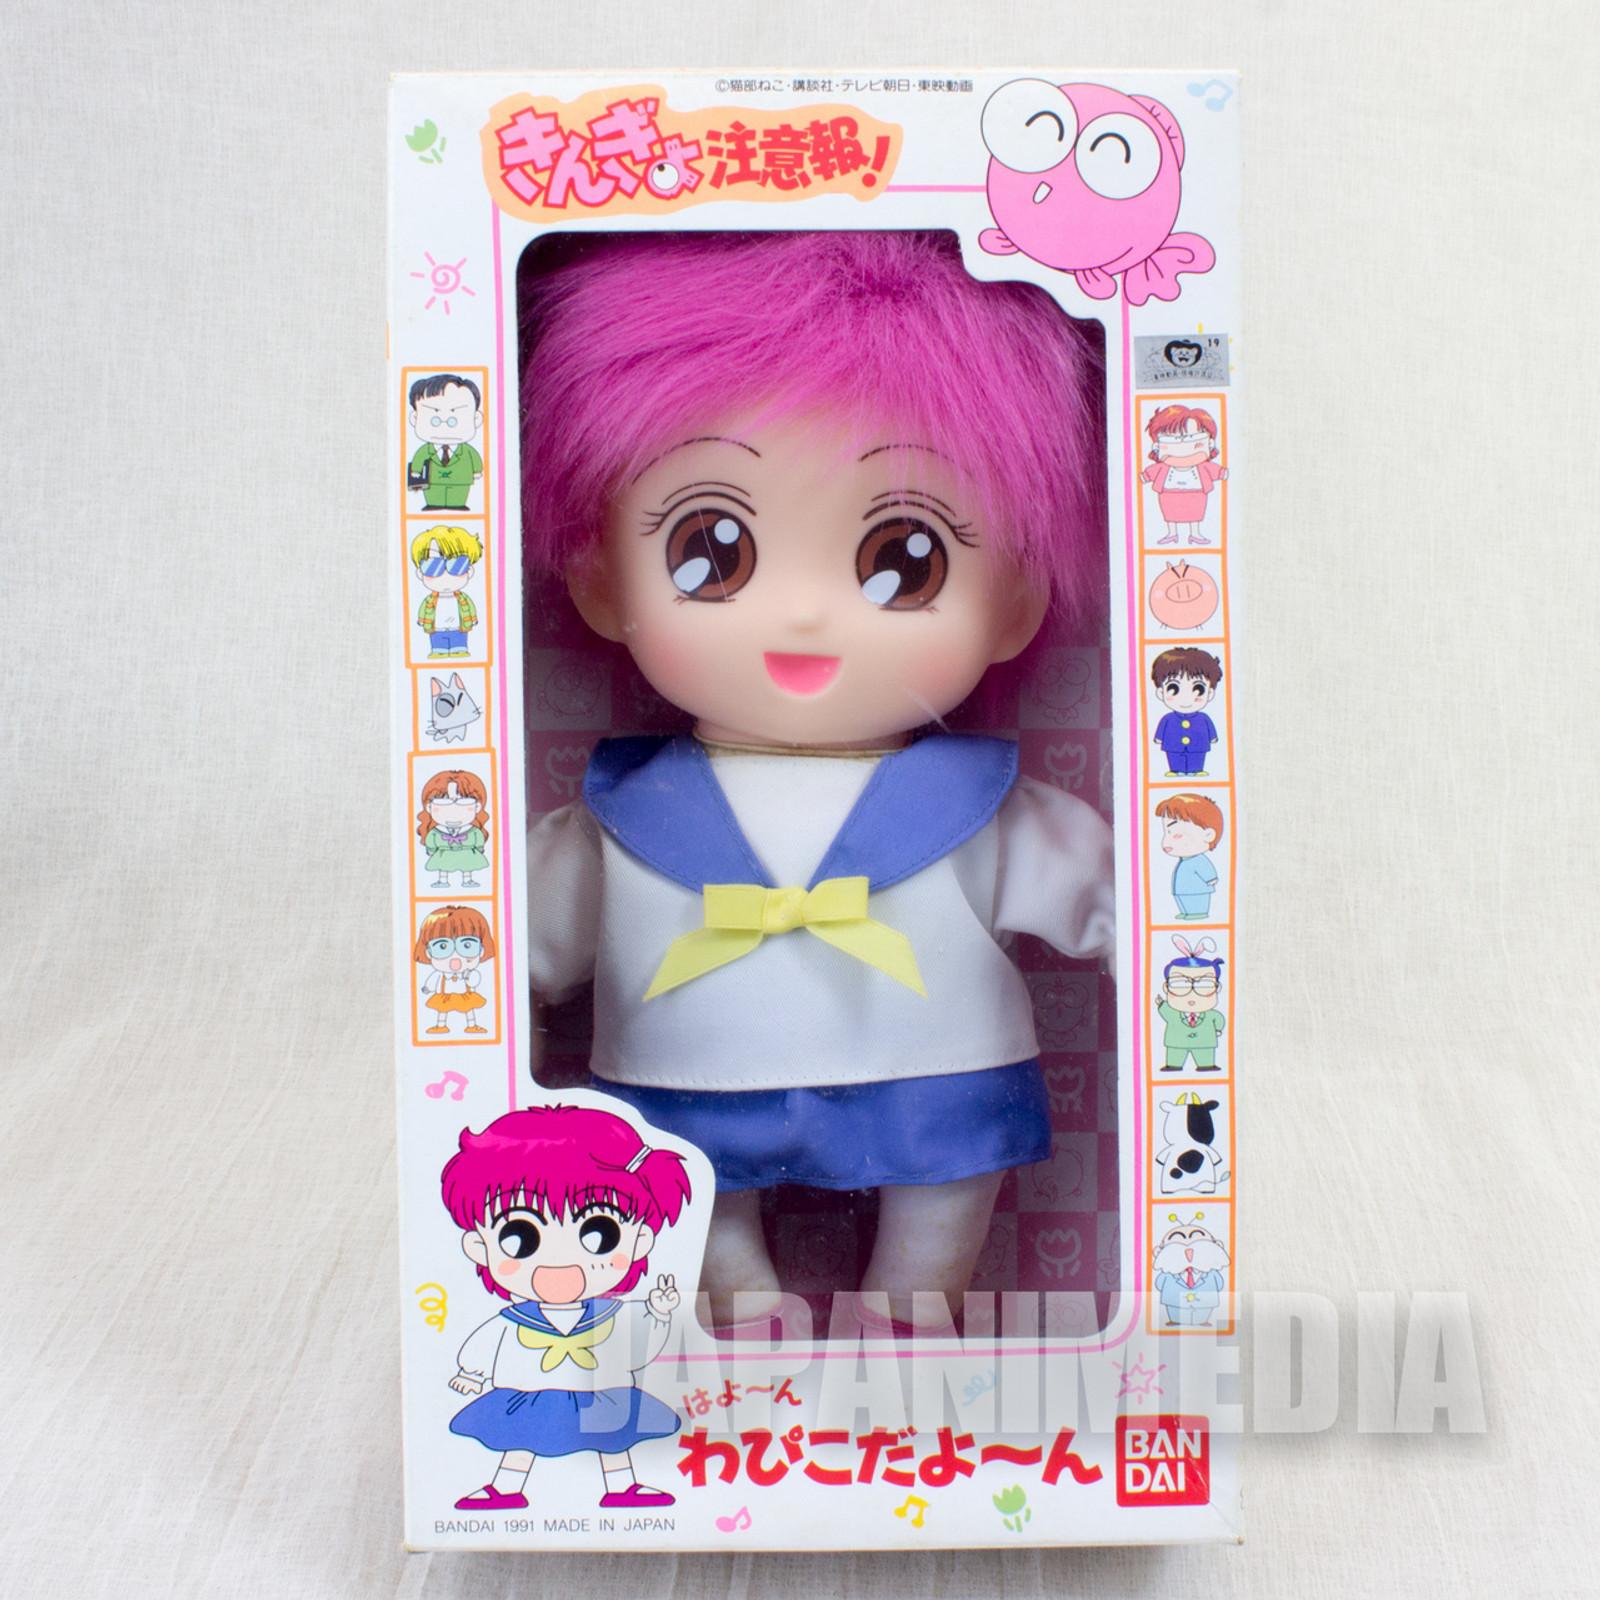 """Retro RARE! Goldfish Warning! WAPIKO Plush Doll 9"""" BANDAI"""